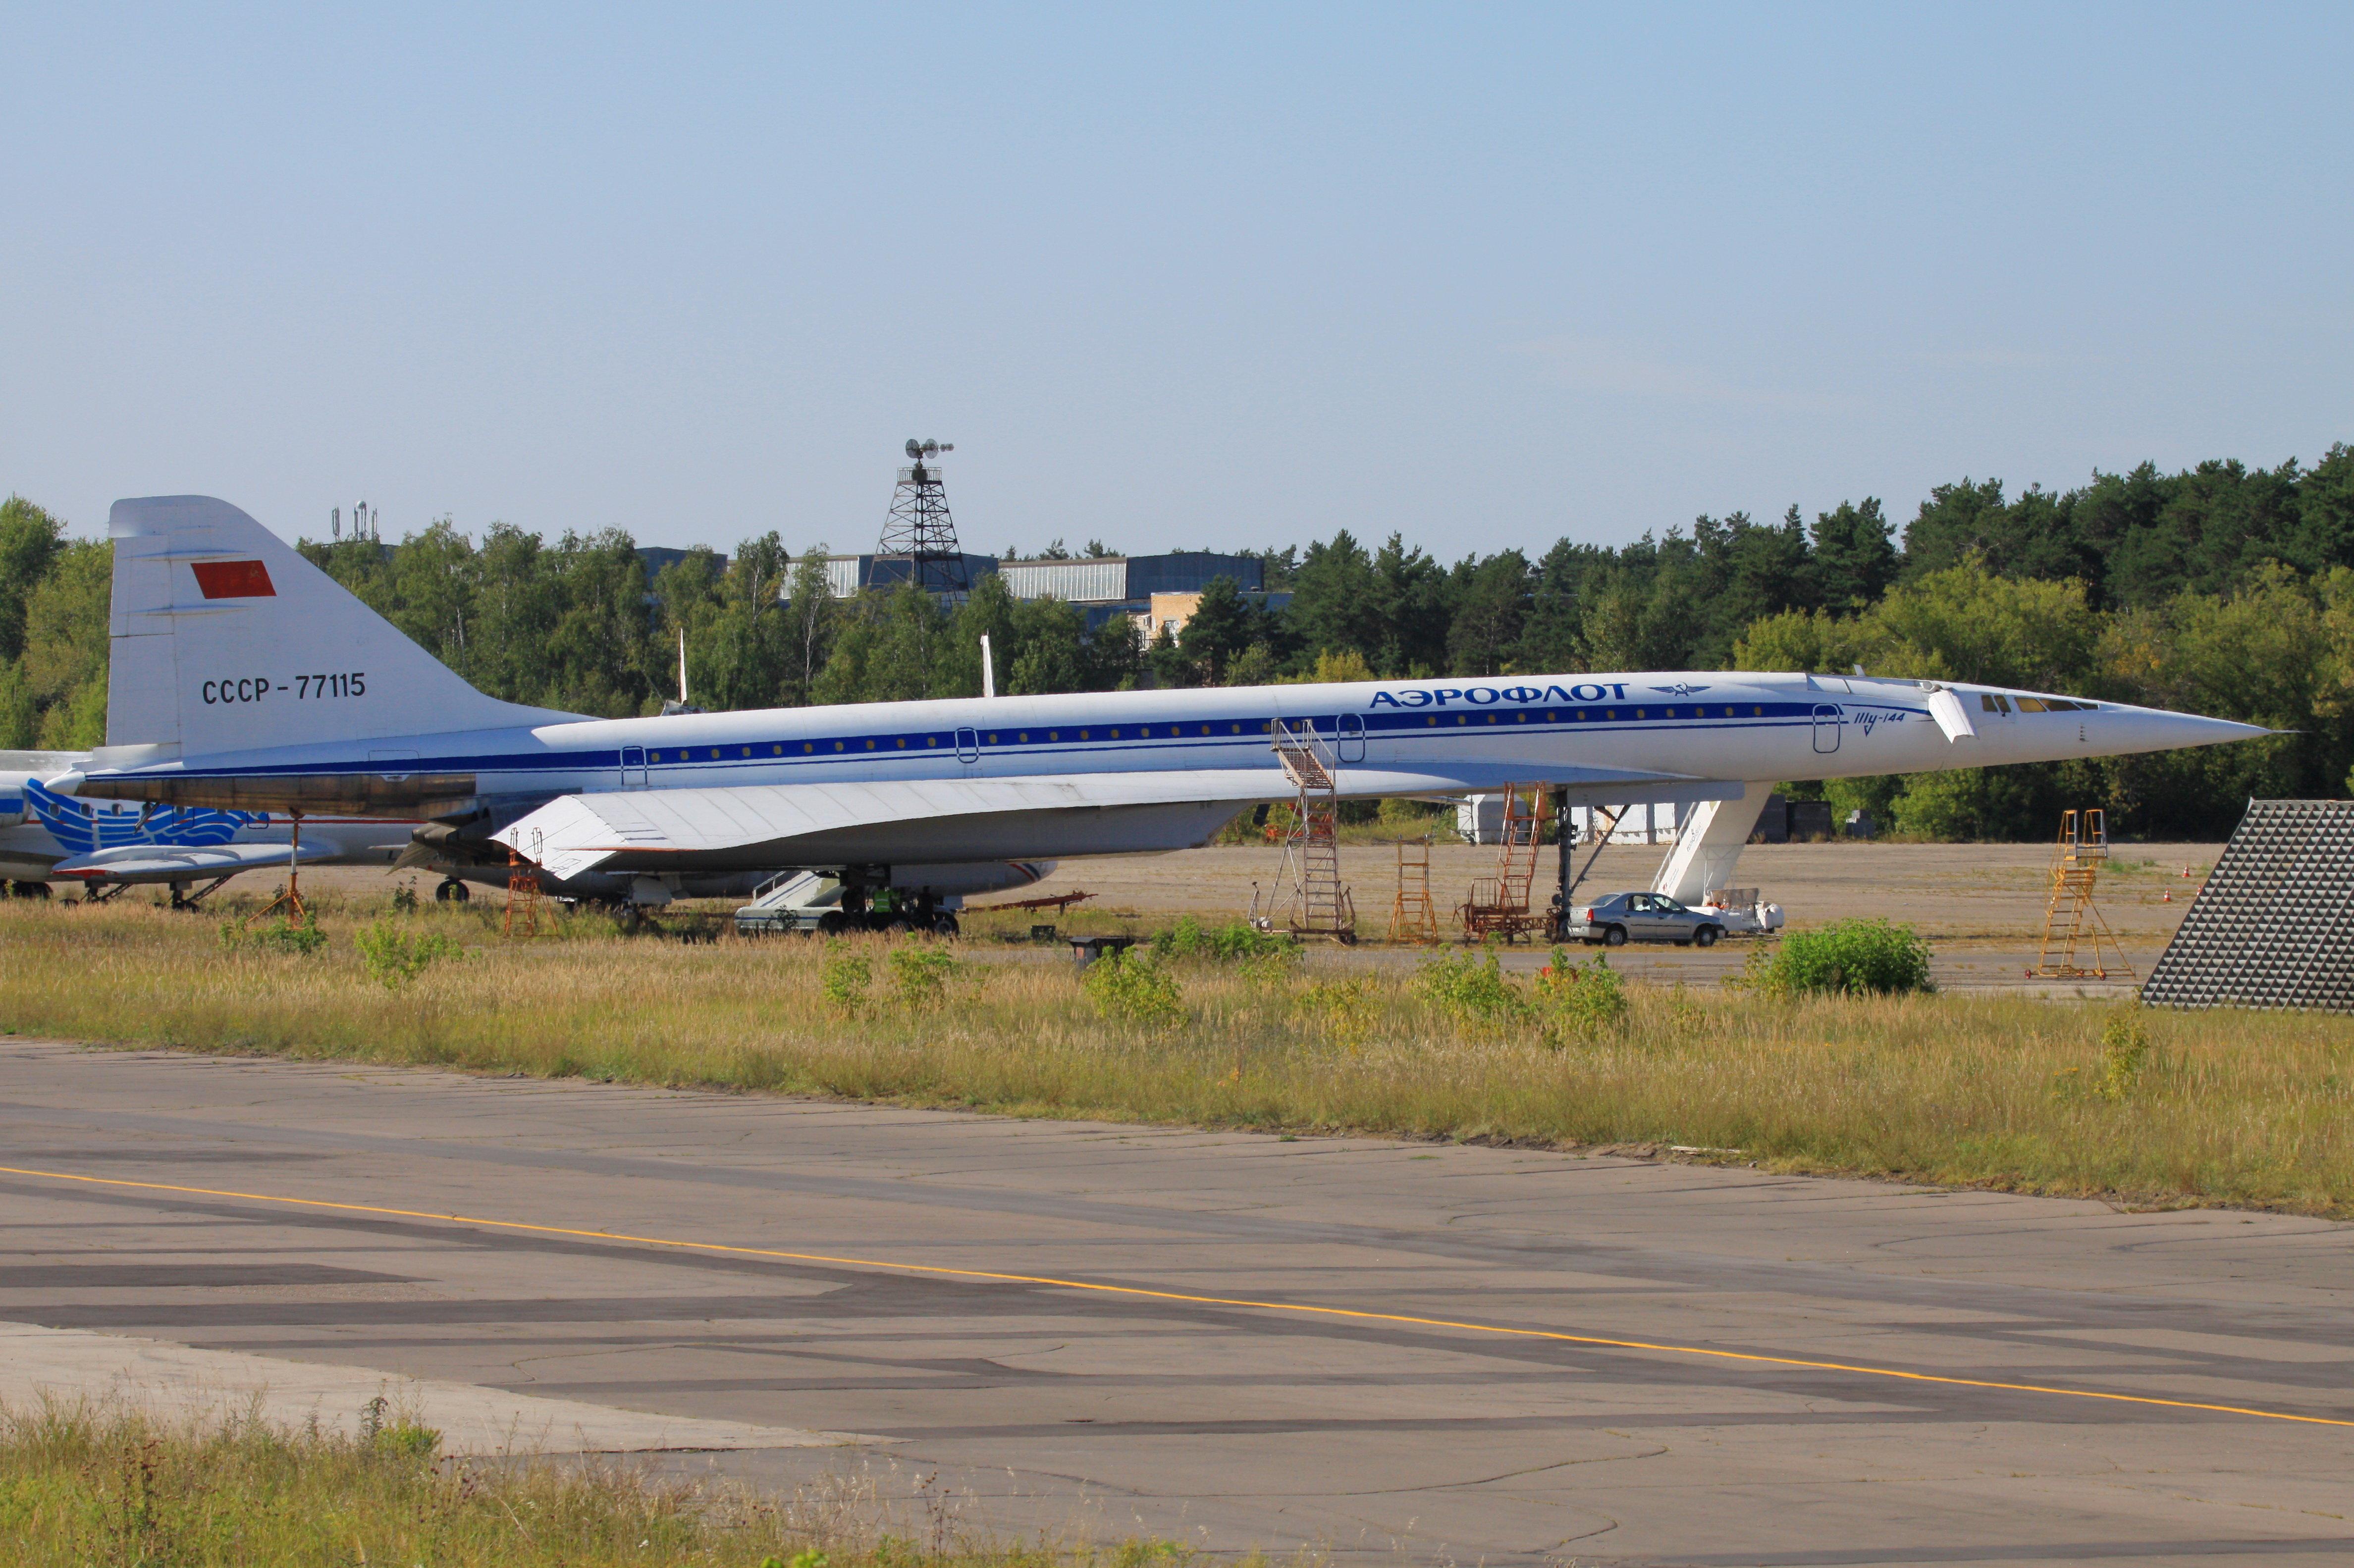 Les visiteurs du musée  pourront voir comment était le Tu-144 quand il volait